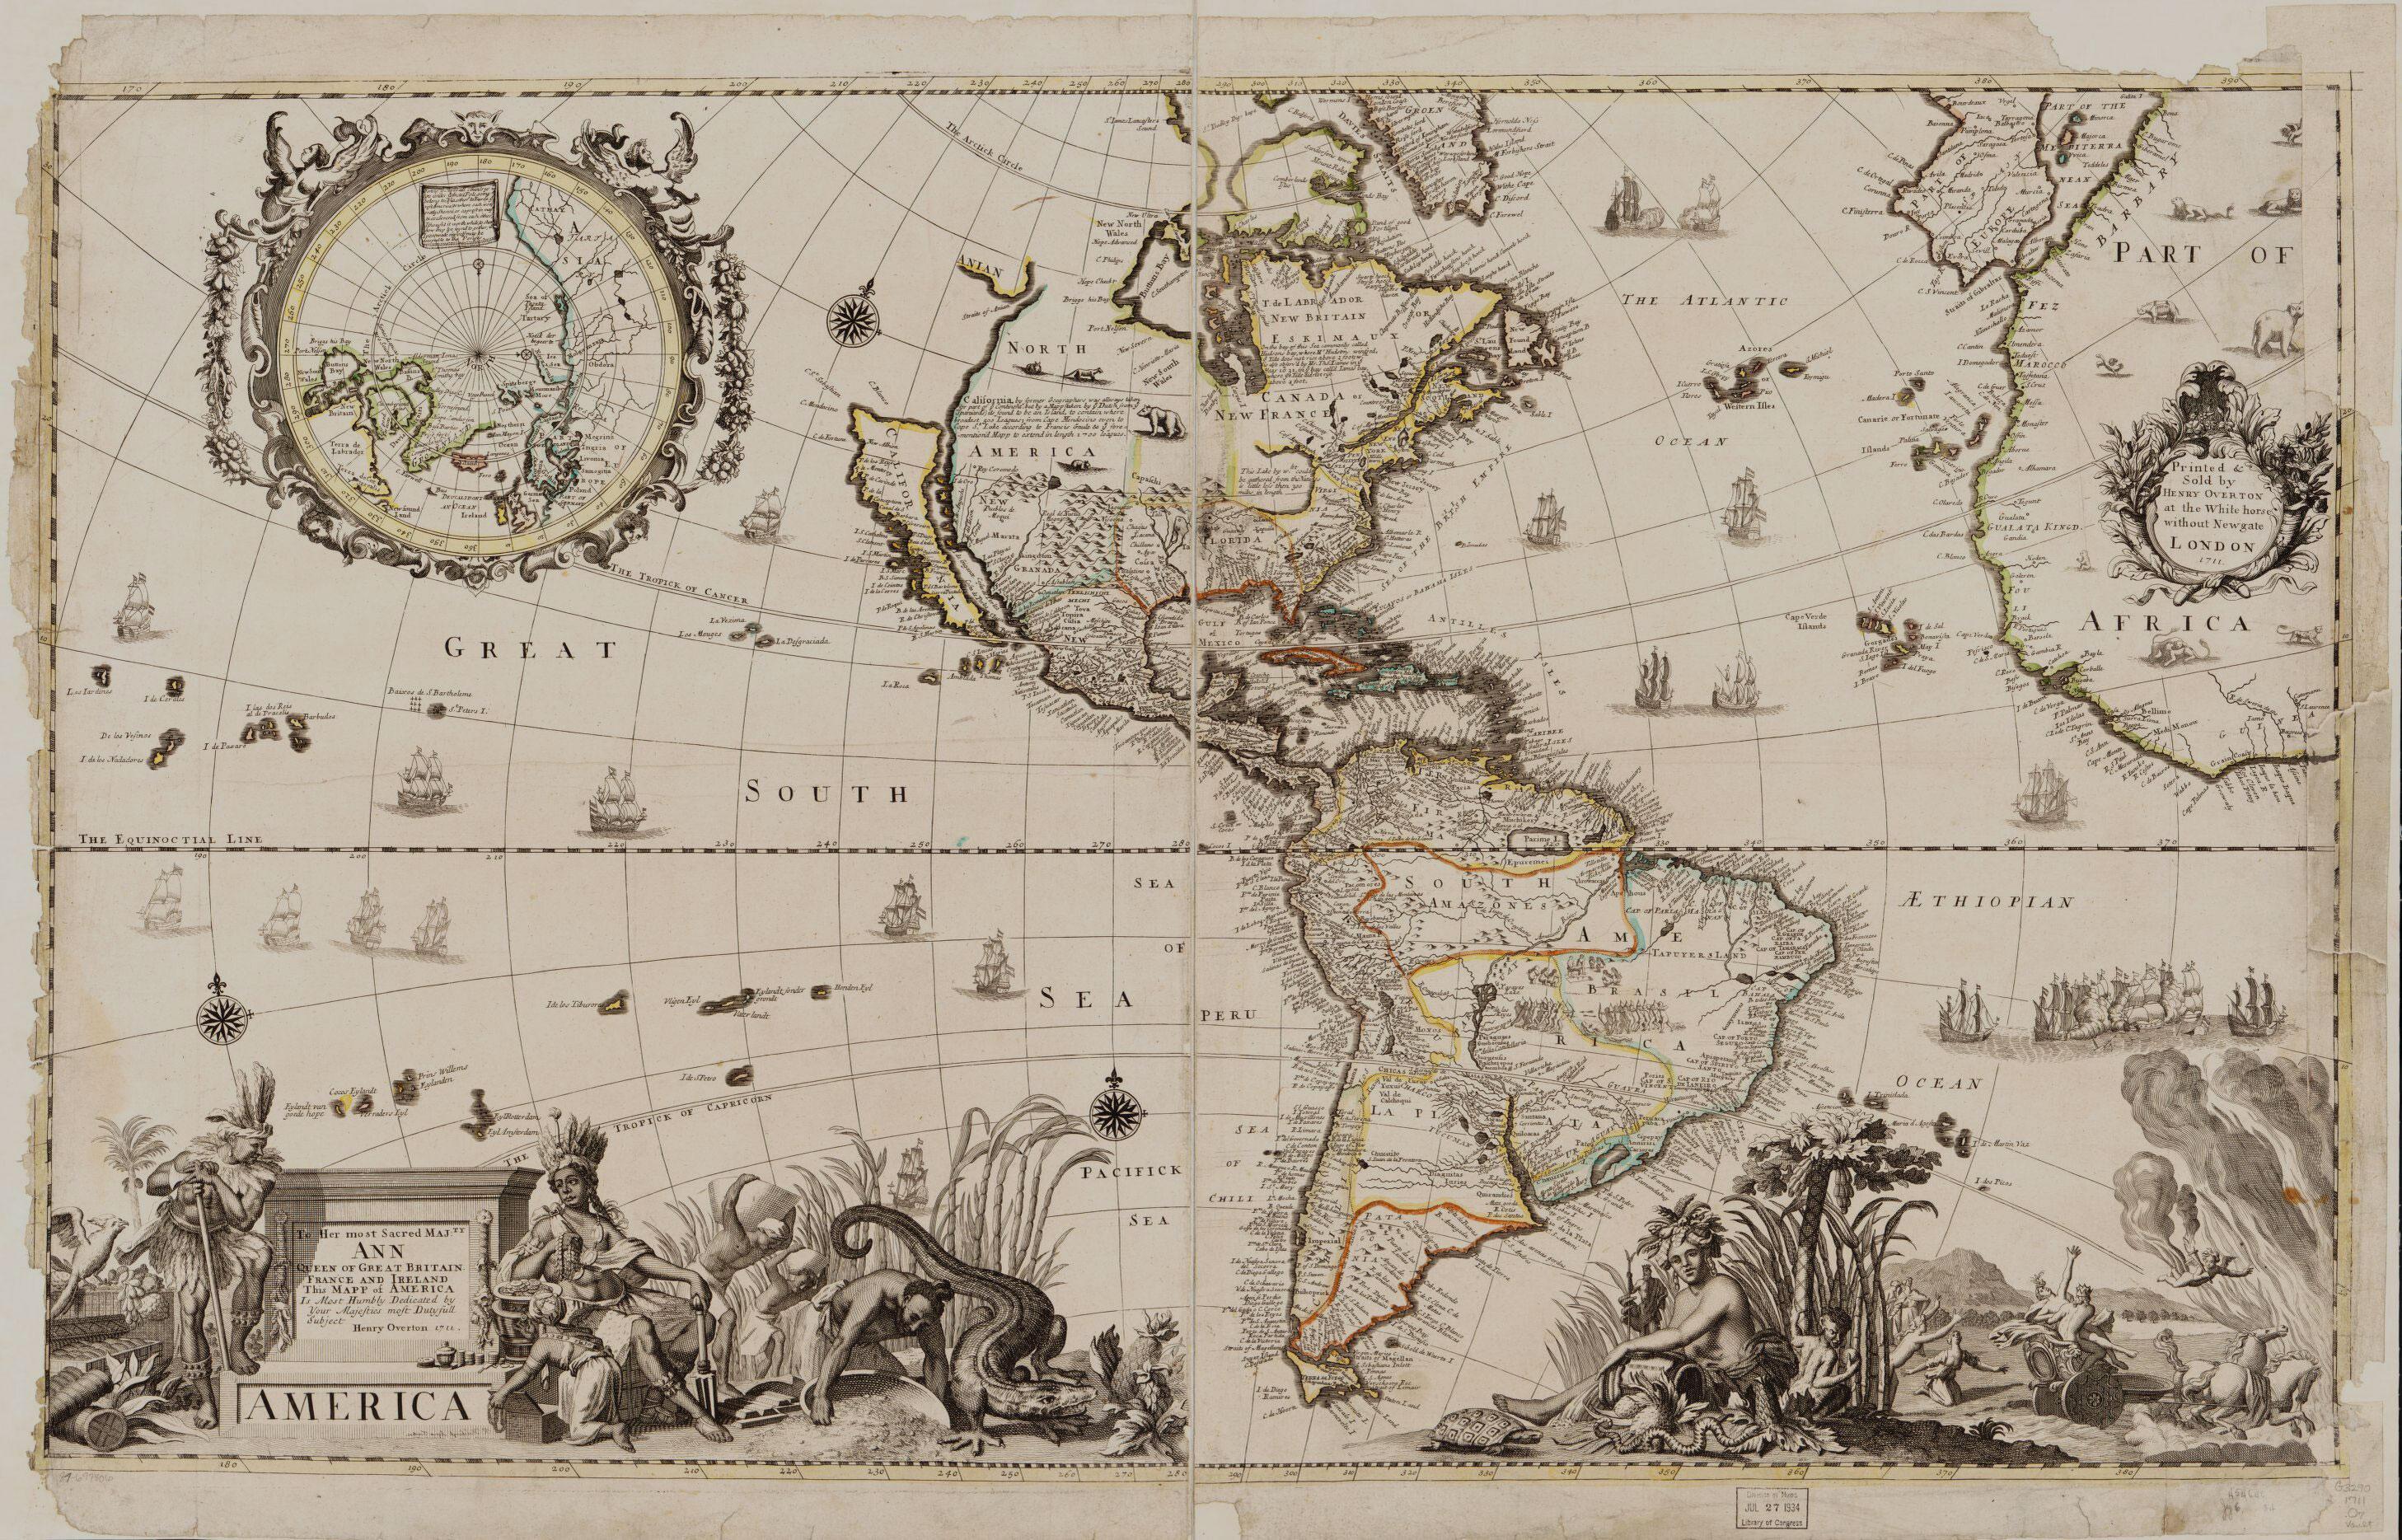 Bureau of Western Hemisphere Affairs - United States